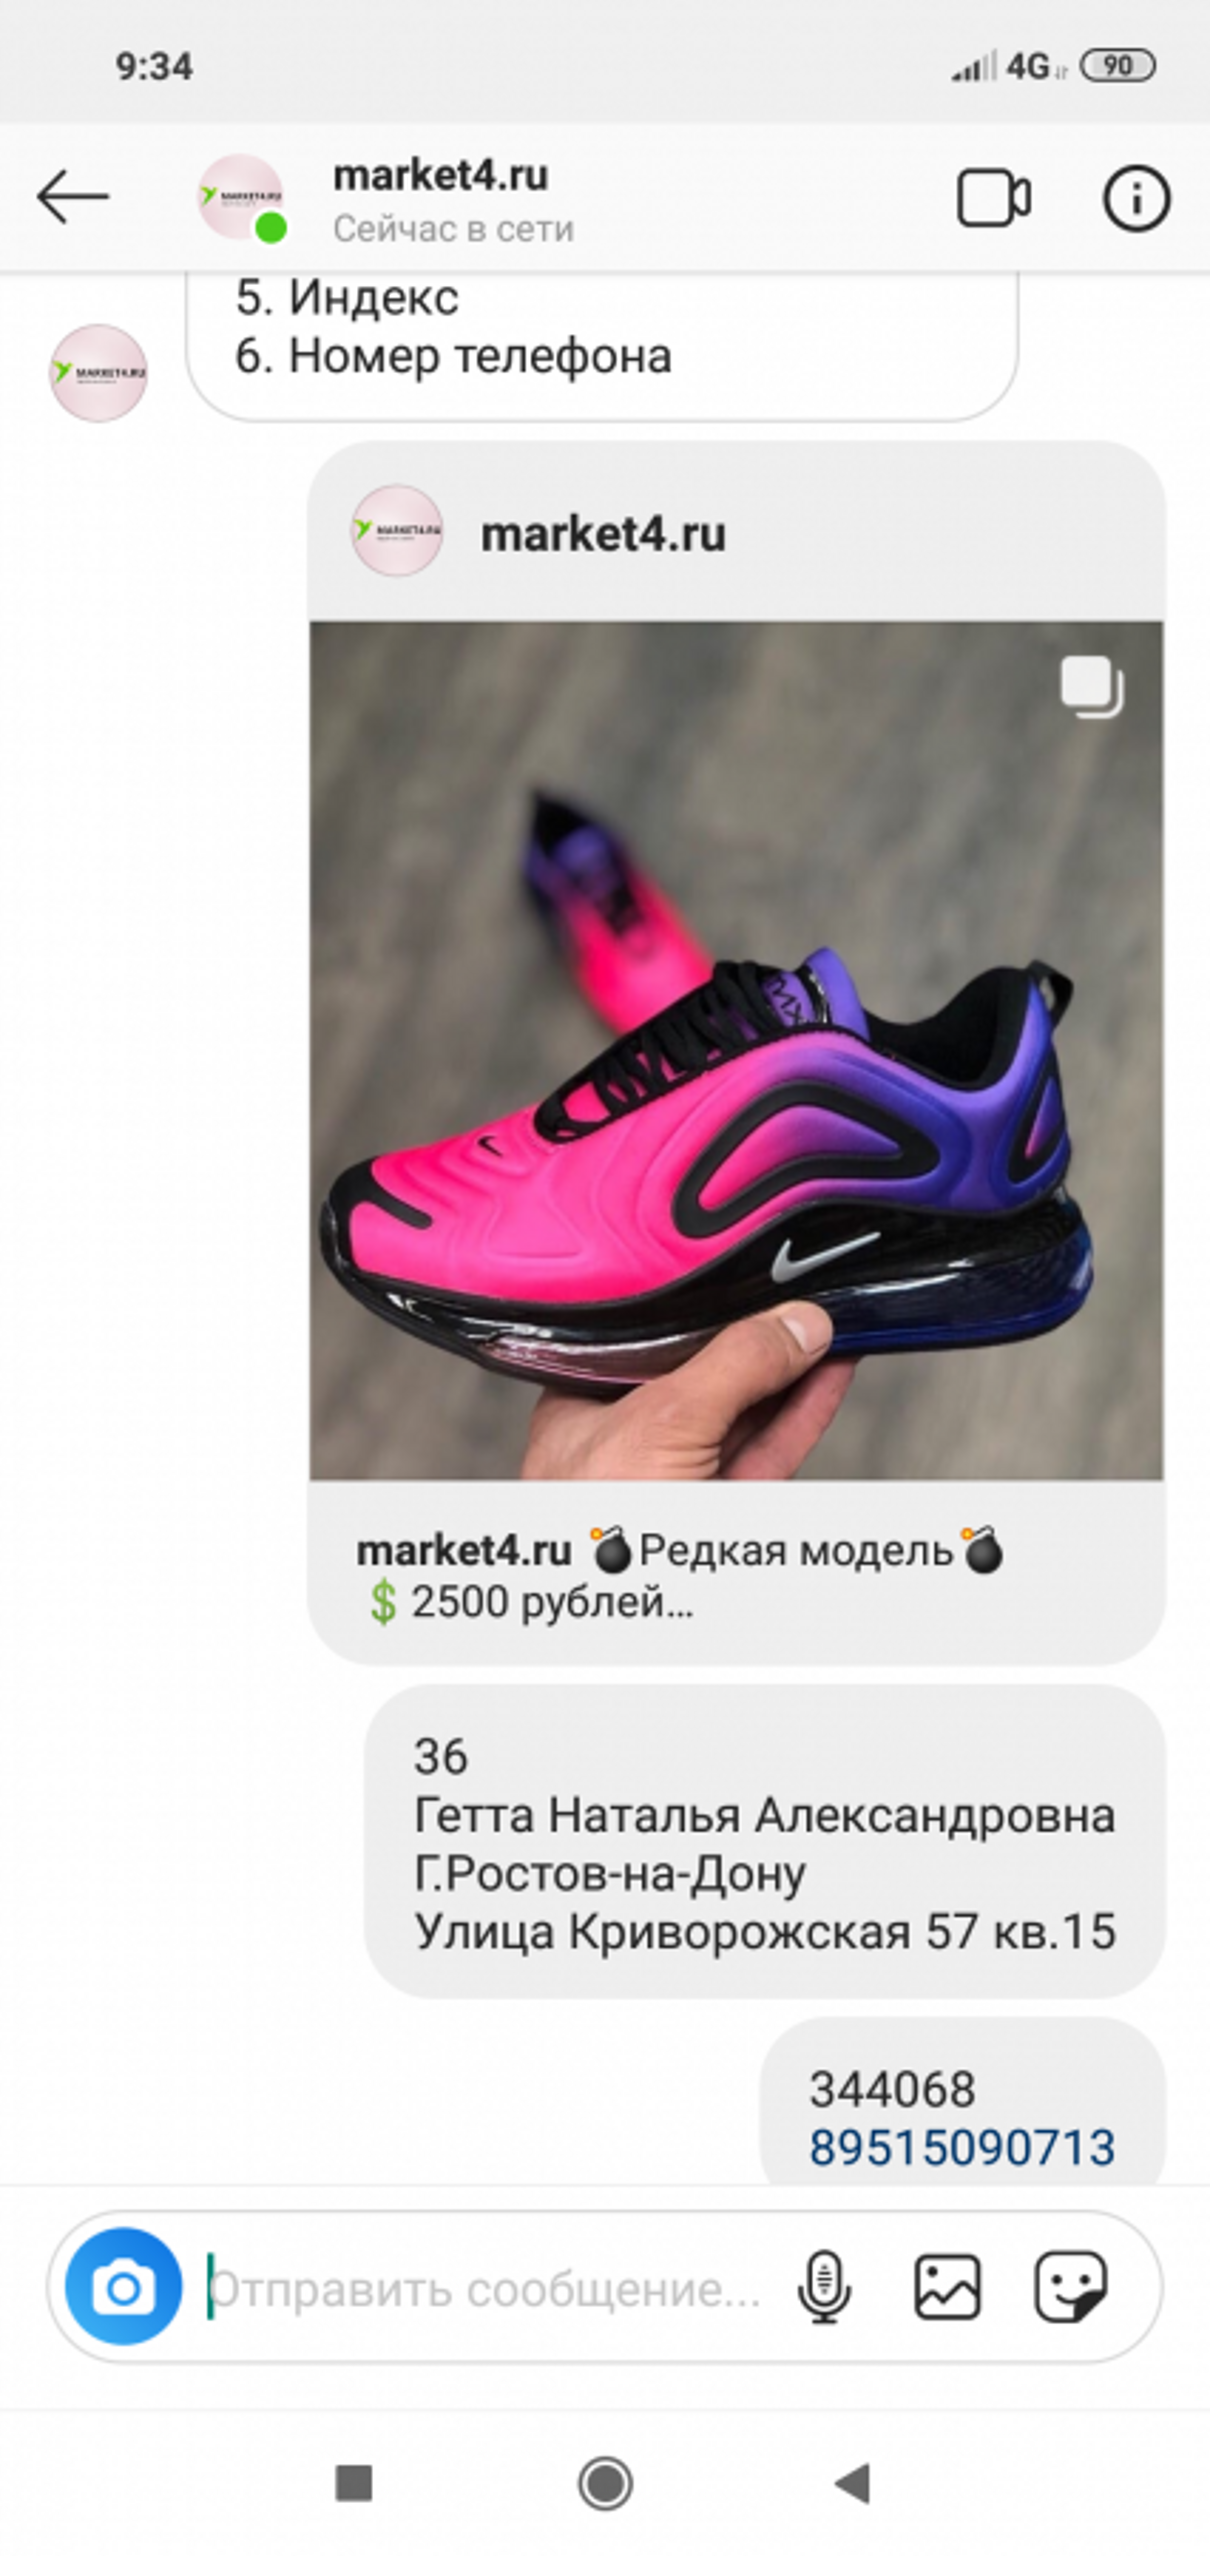 Жалоба-отзыв: Market4.ru - Пришло не то, что заказывала.  Фото №3